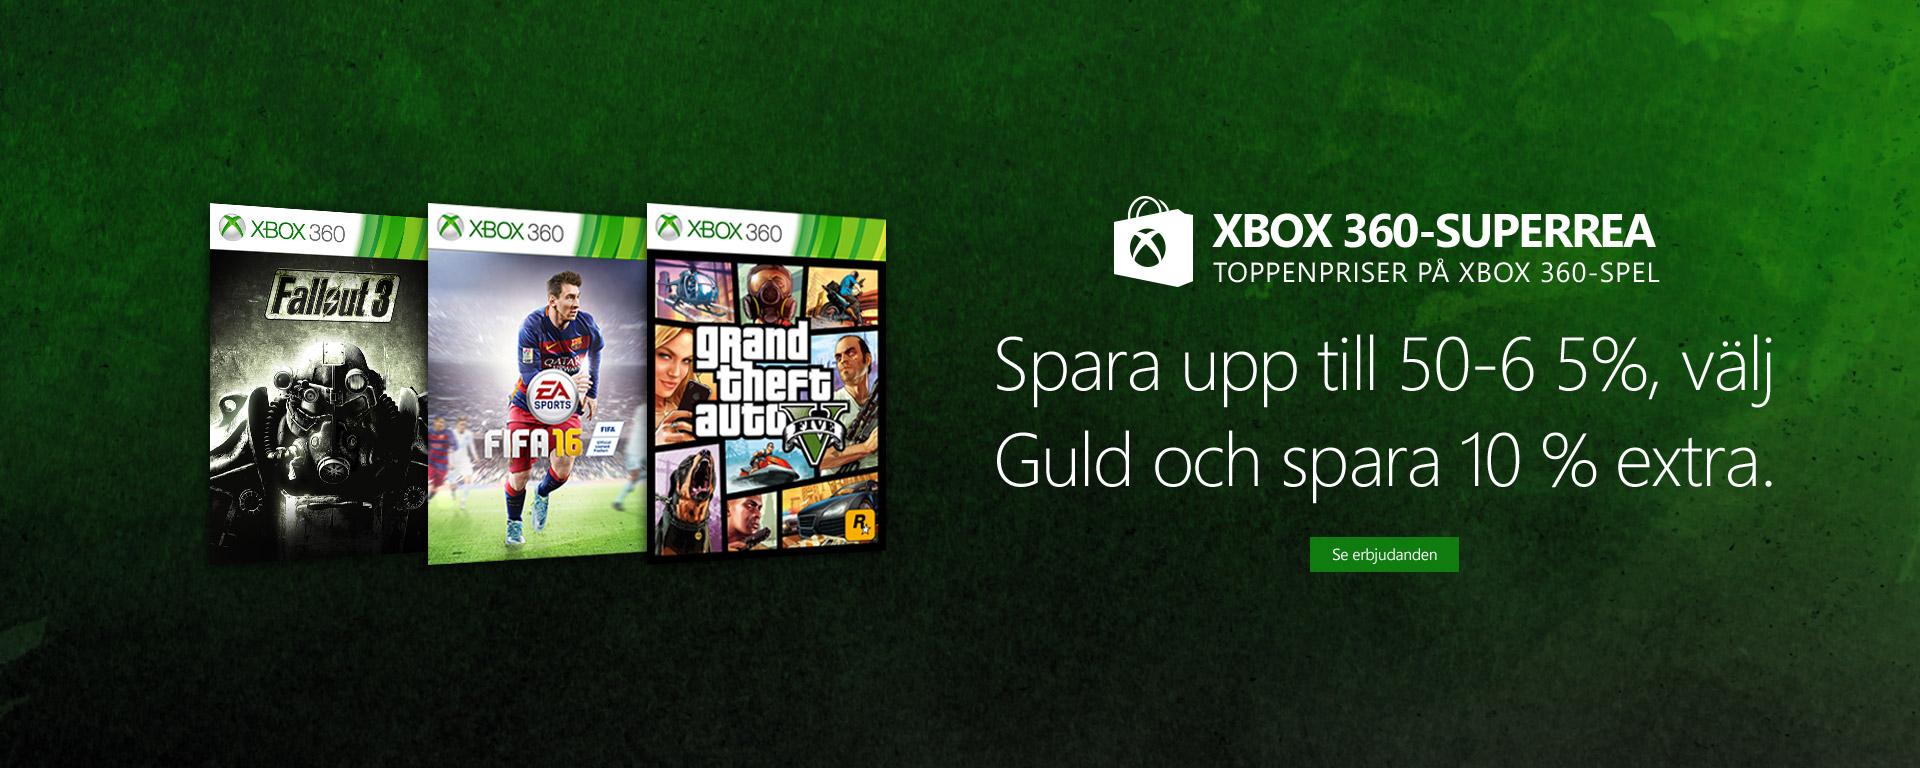 Xbox 360-superrea | Xbox